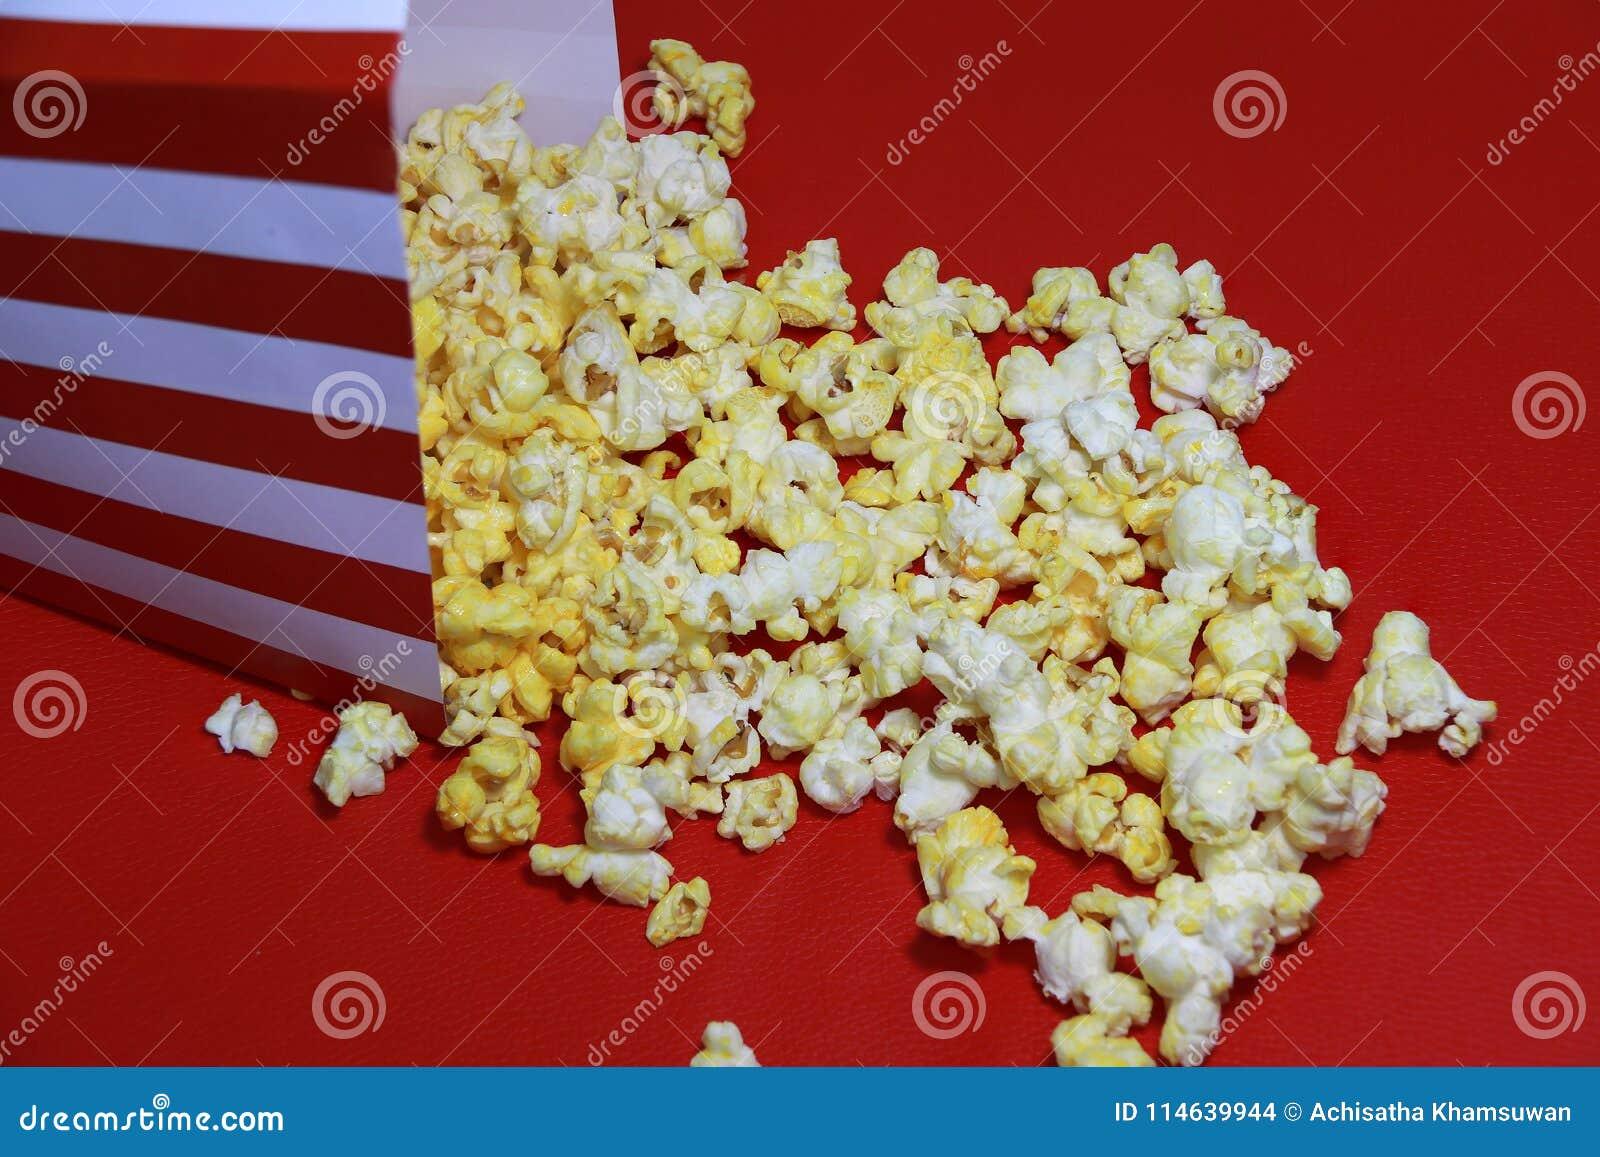 Pavimento Rosso E Bianco : Mucchio di popcorn dal contenitore di libro rosso e bianco sul